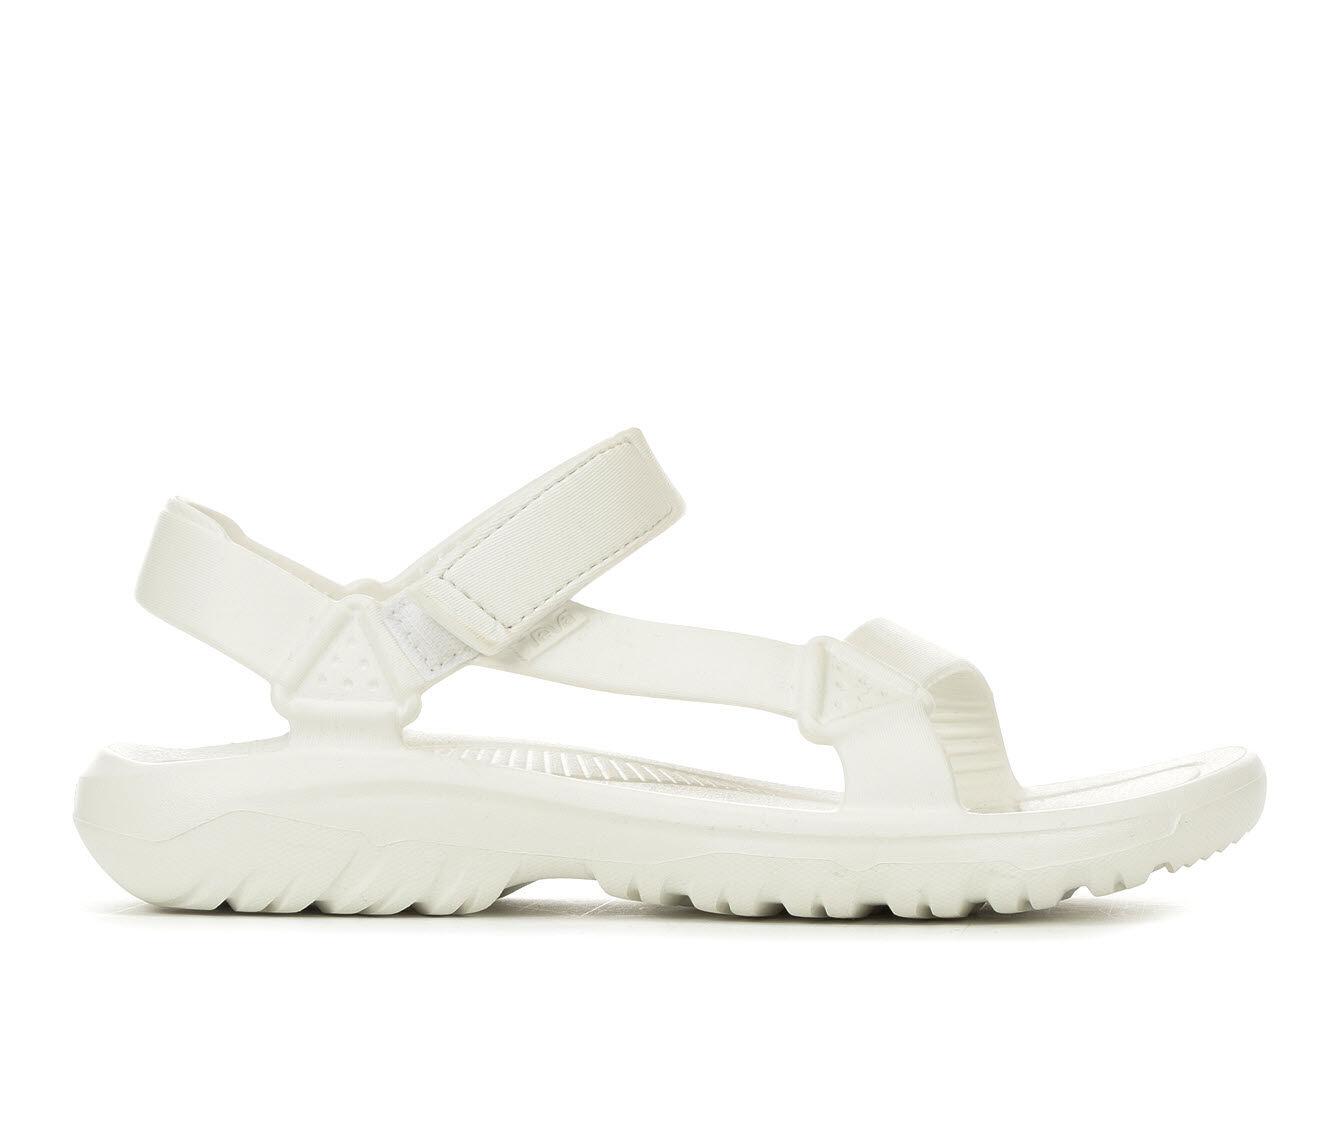 available Women's Teva Hurricane Drift Sandals White